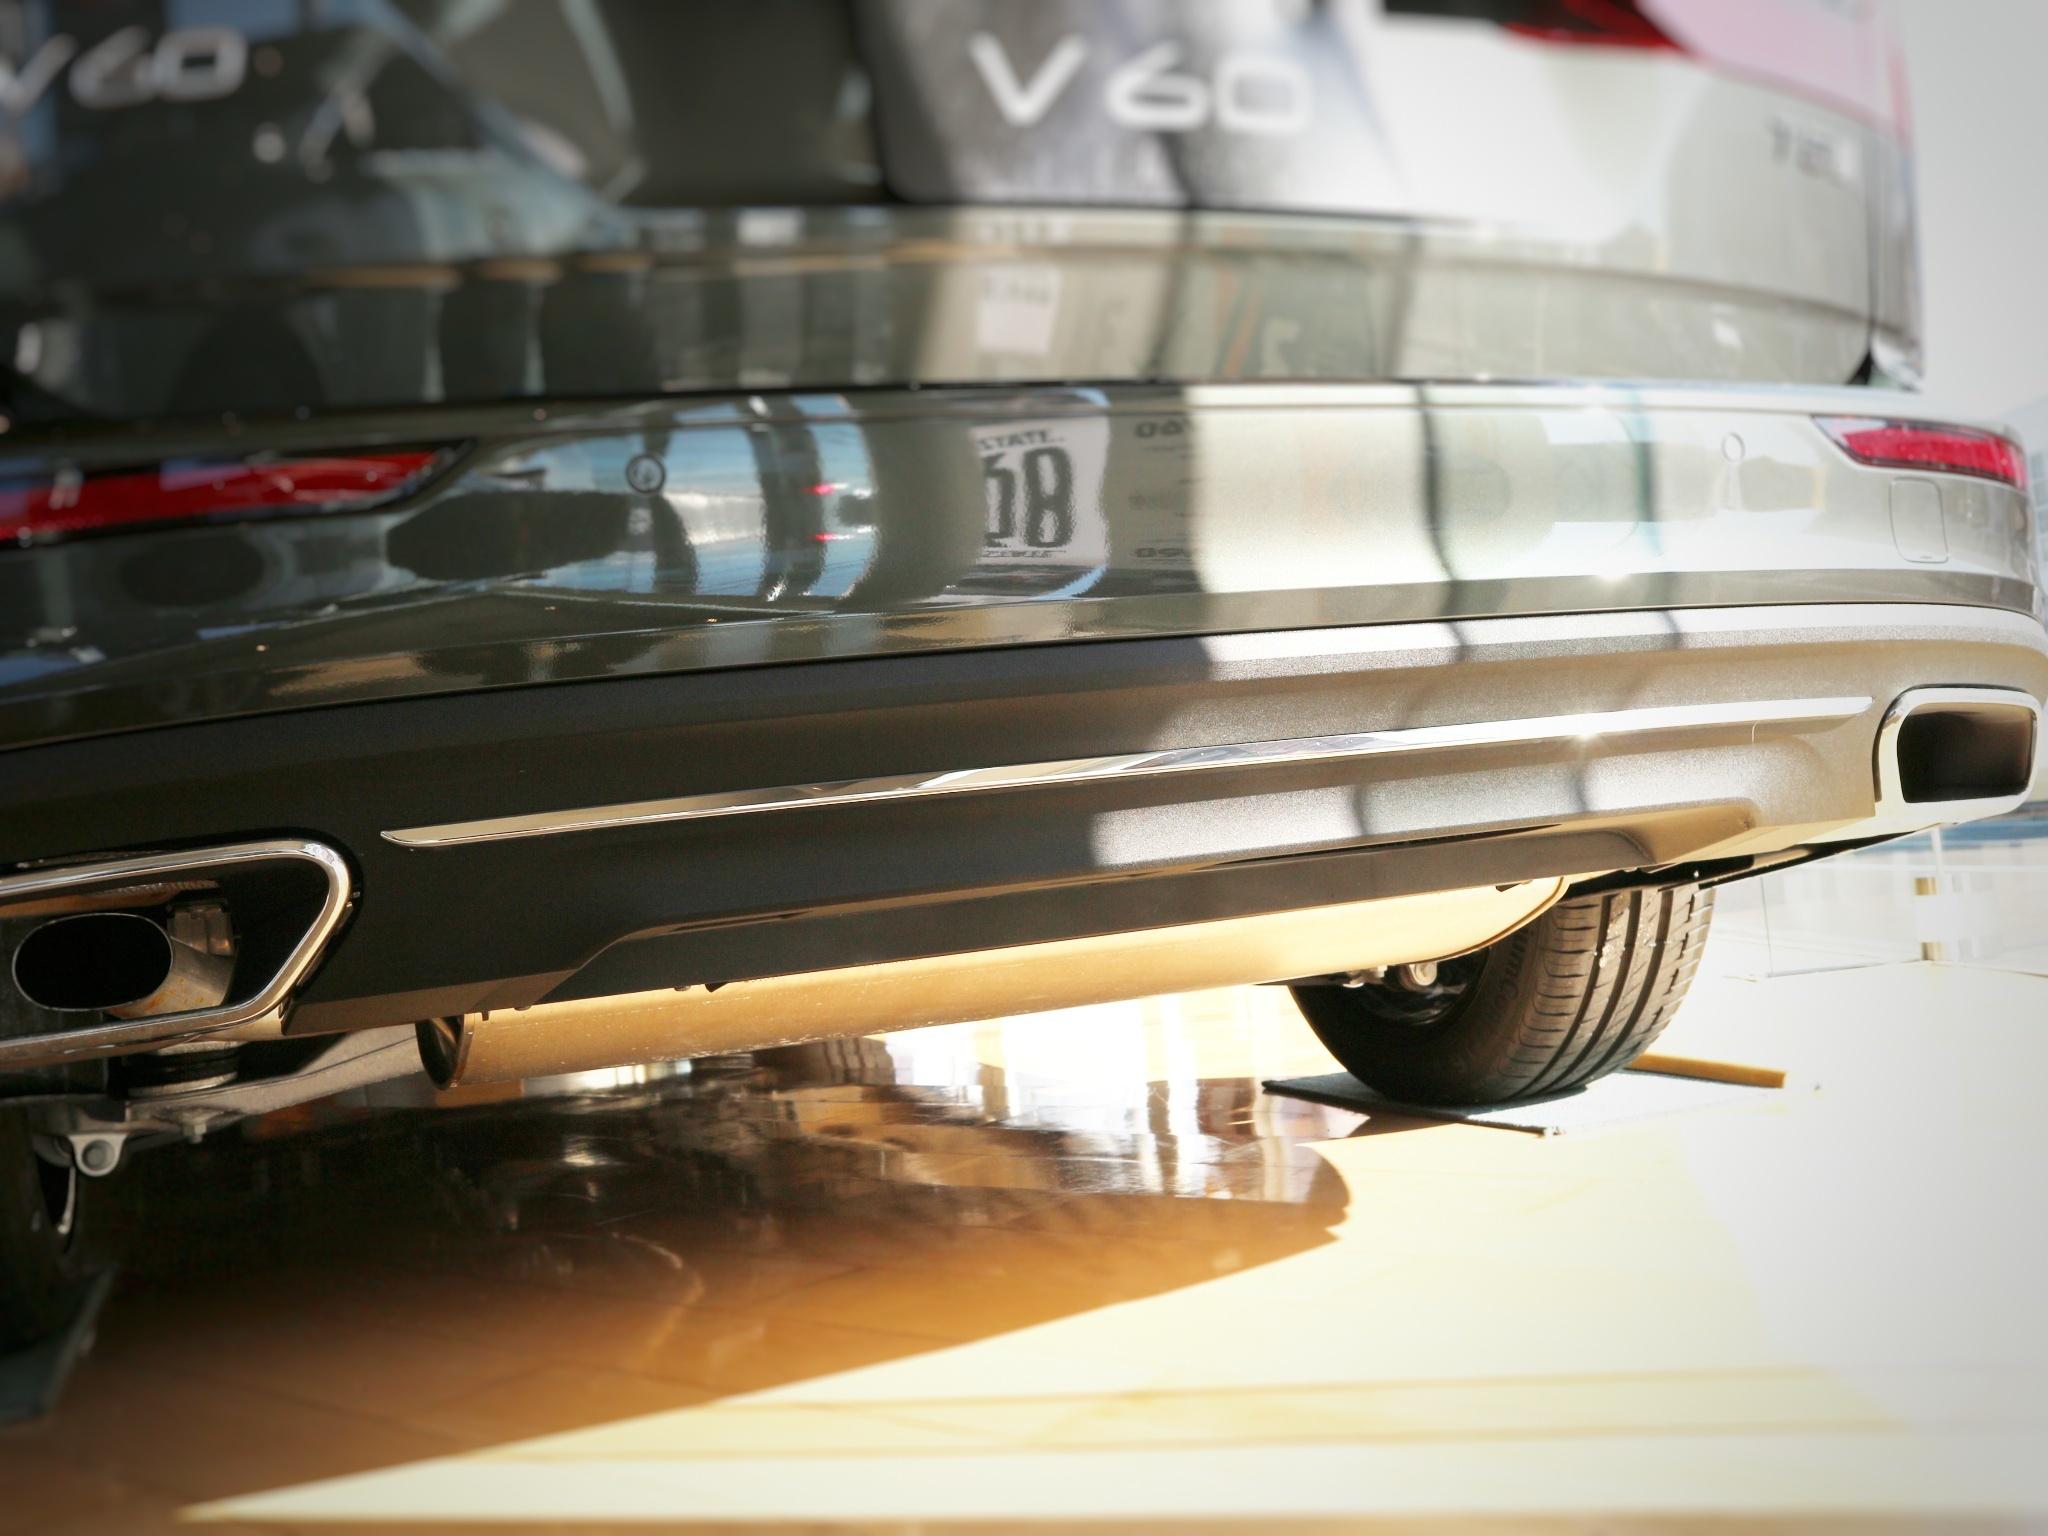 V6020.jpeg